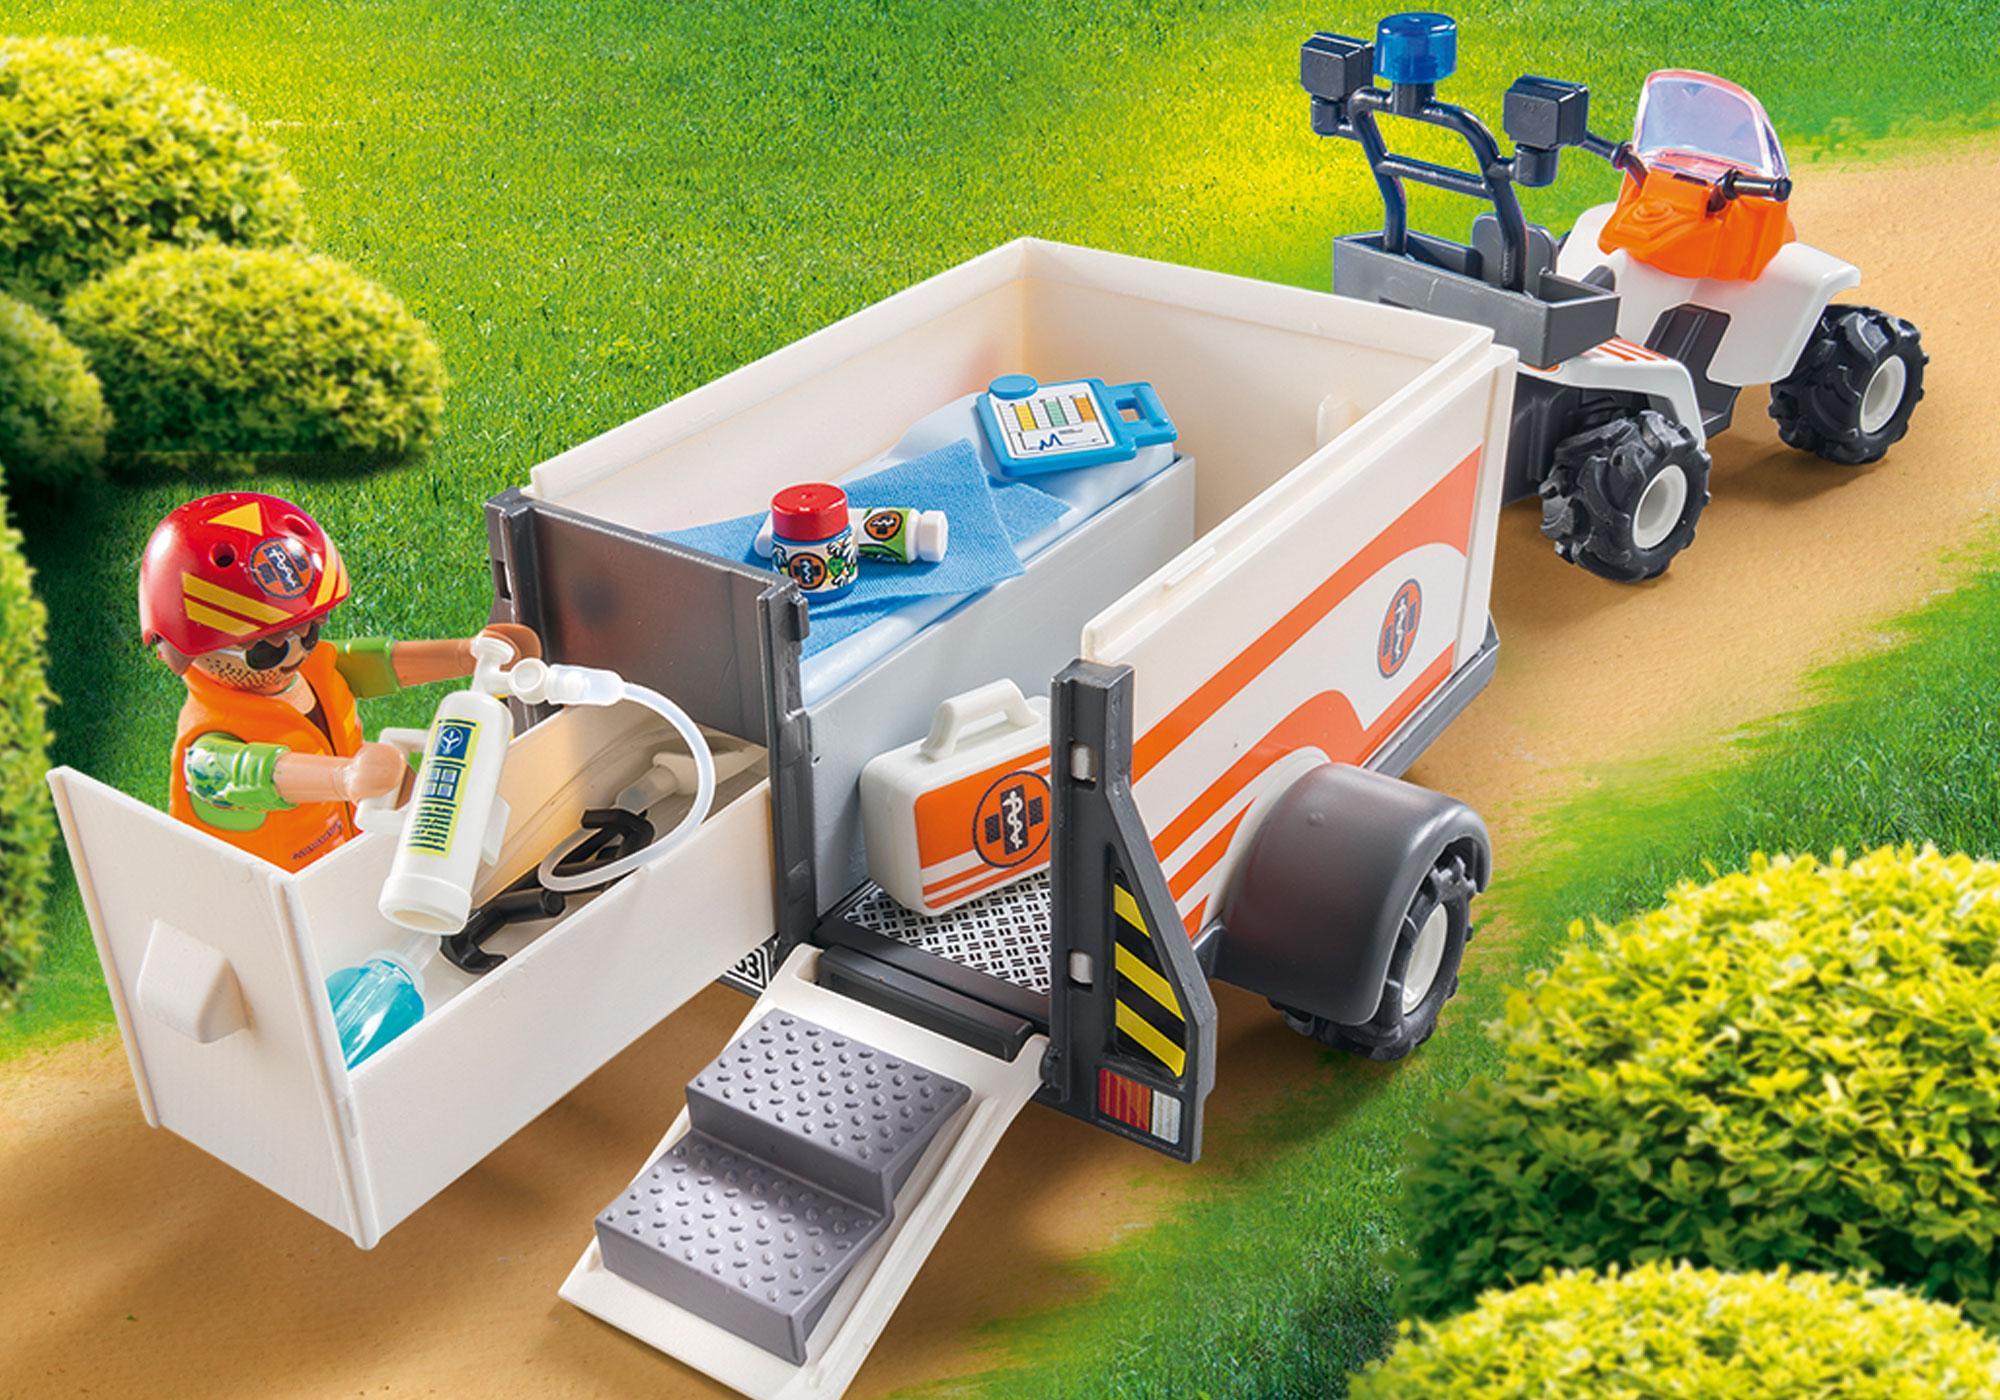 http://media.playmobil.com/i/playmobil/70053_product_extra1/Quad soccorso con carrello